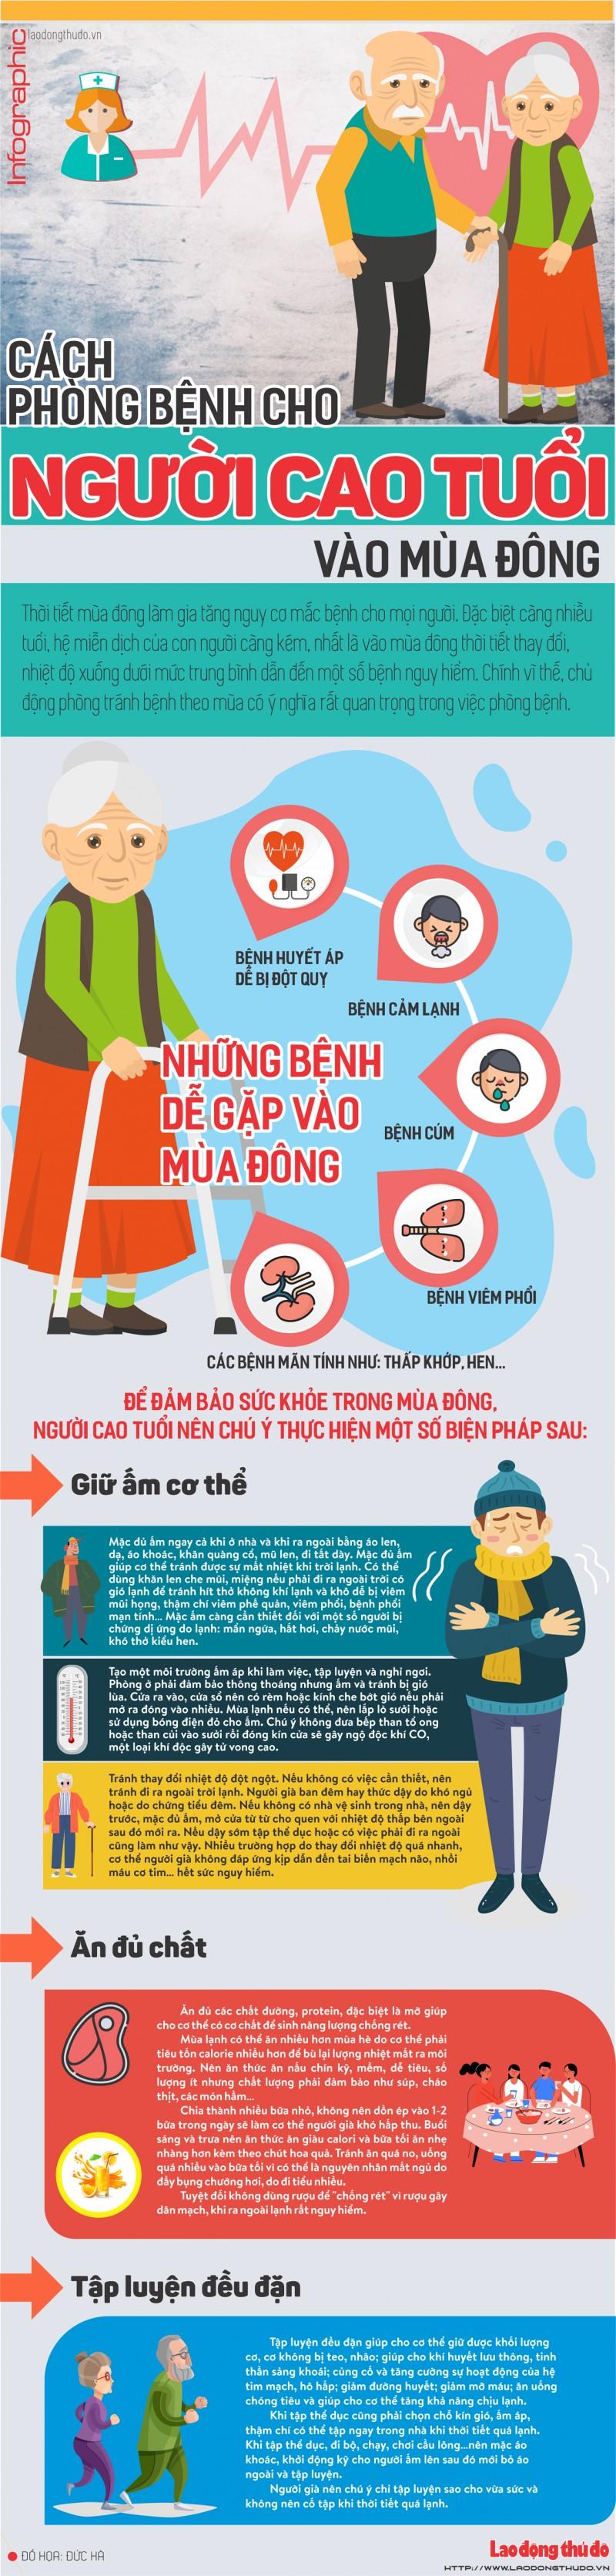 infographic cach phong benh cho nguoi cao tuoi vao mua dong